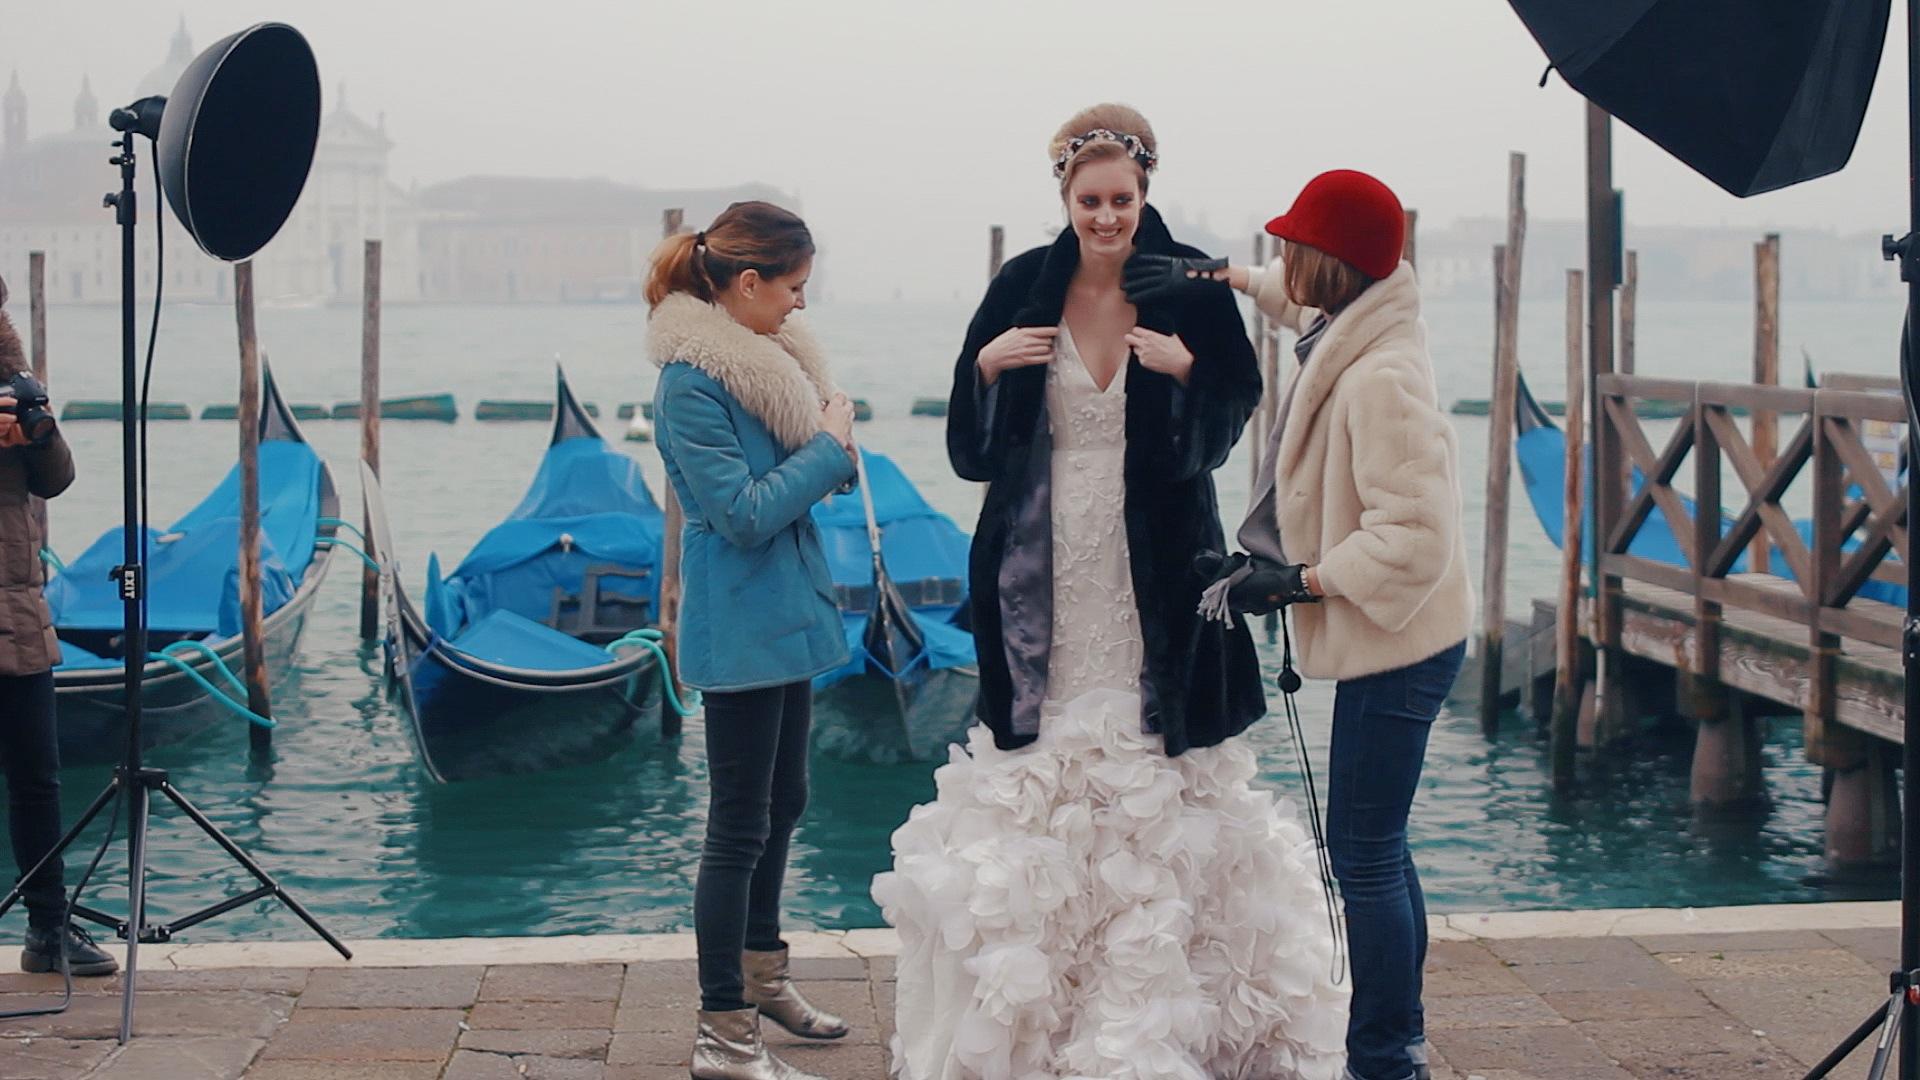 foto bts venezia 14